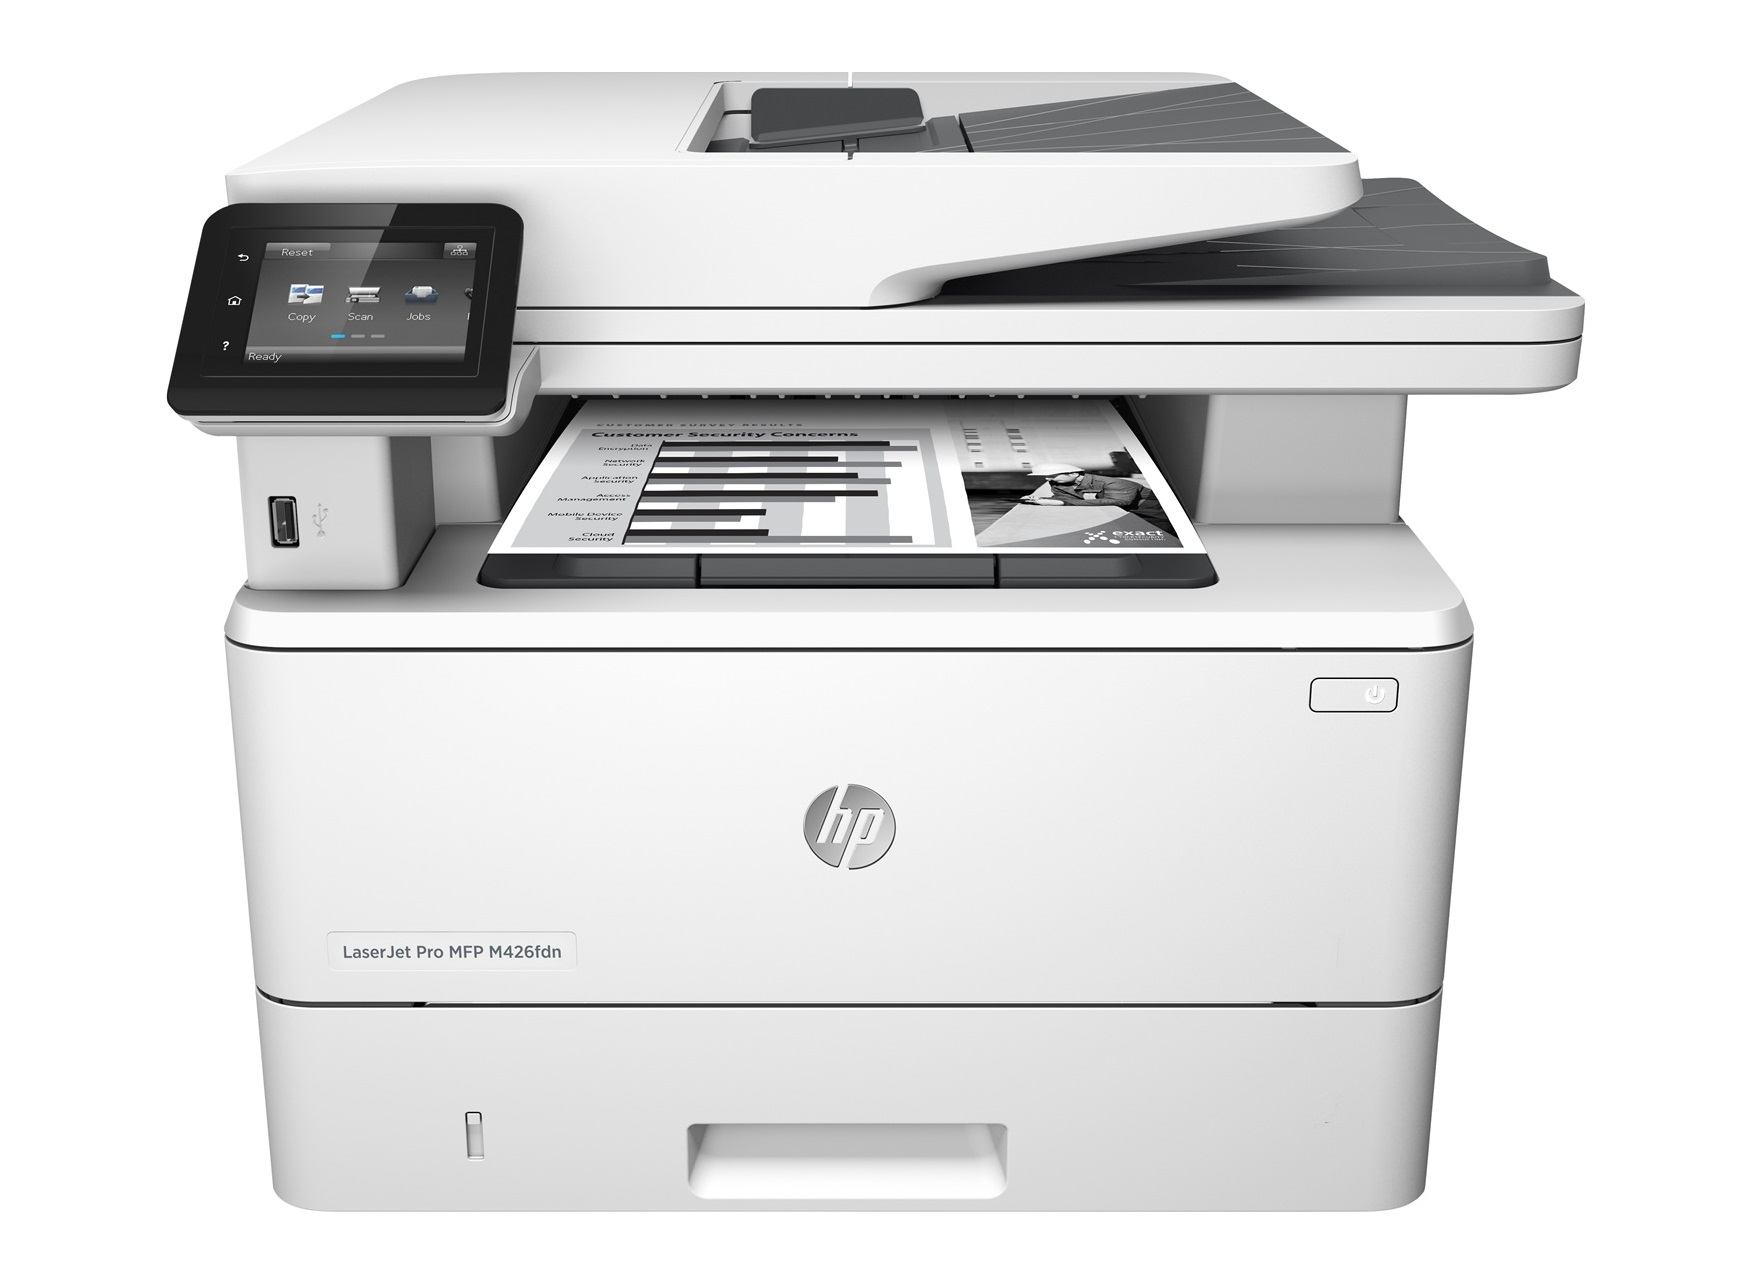 HP LaserJet Pro 400 M426fdn F6W14A